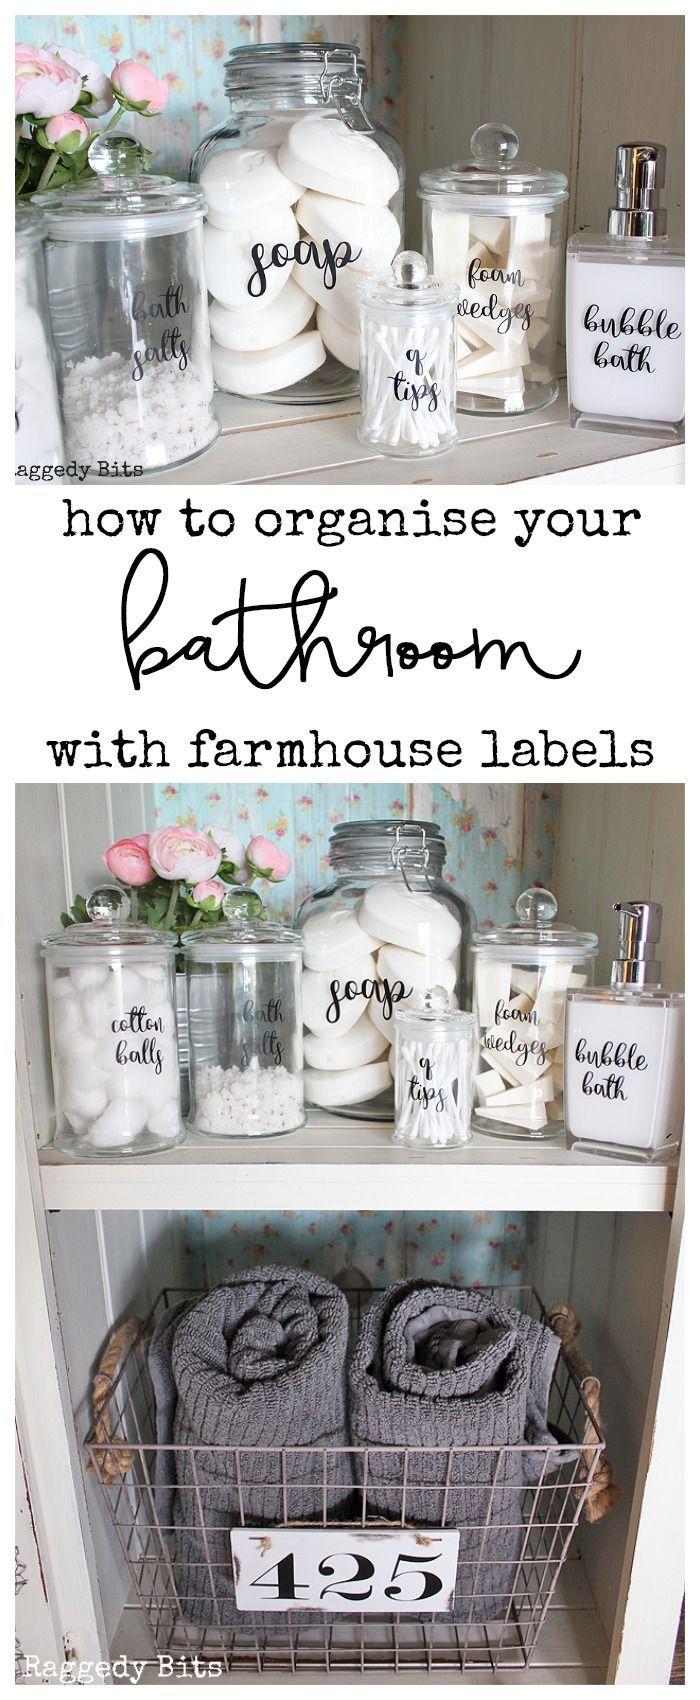 How To Organise Your Bathroom With Farmhouse Bathroom Labels Bathroom Organization Diy Diy Bathroom Storage Diy Bathroom Decor